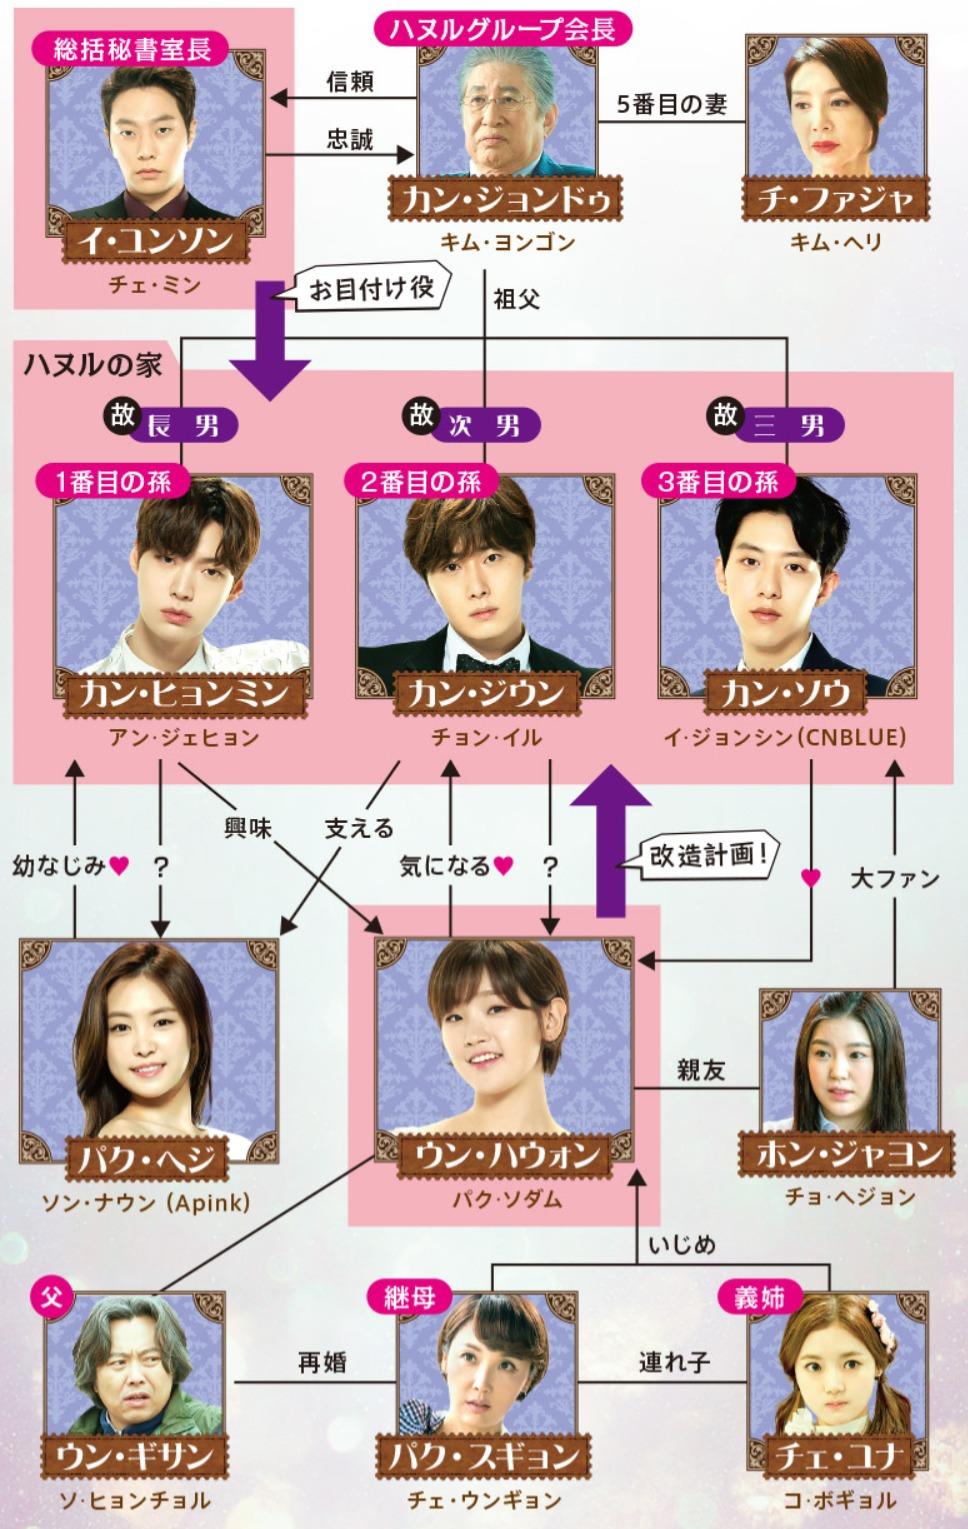 韓国ドラマ『シンデレラと4人の騎士<ナイト>』登場人物相関図(関係図)